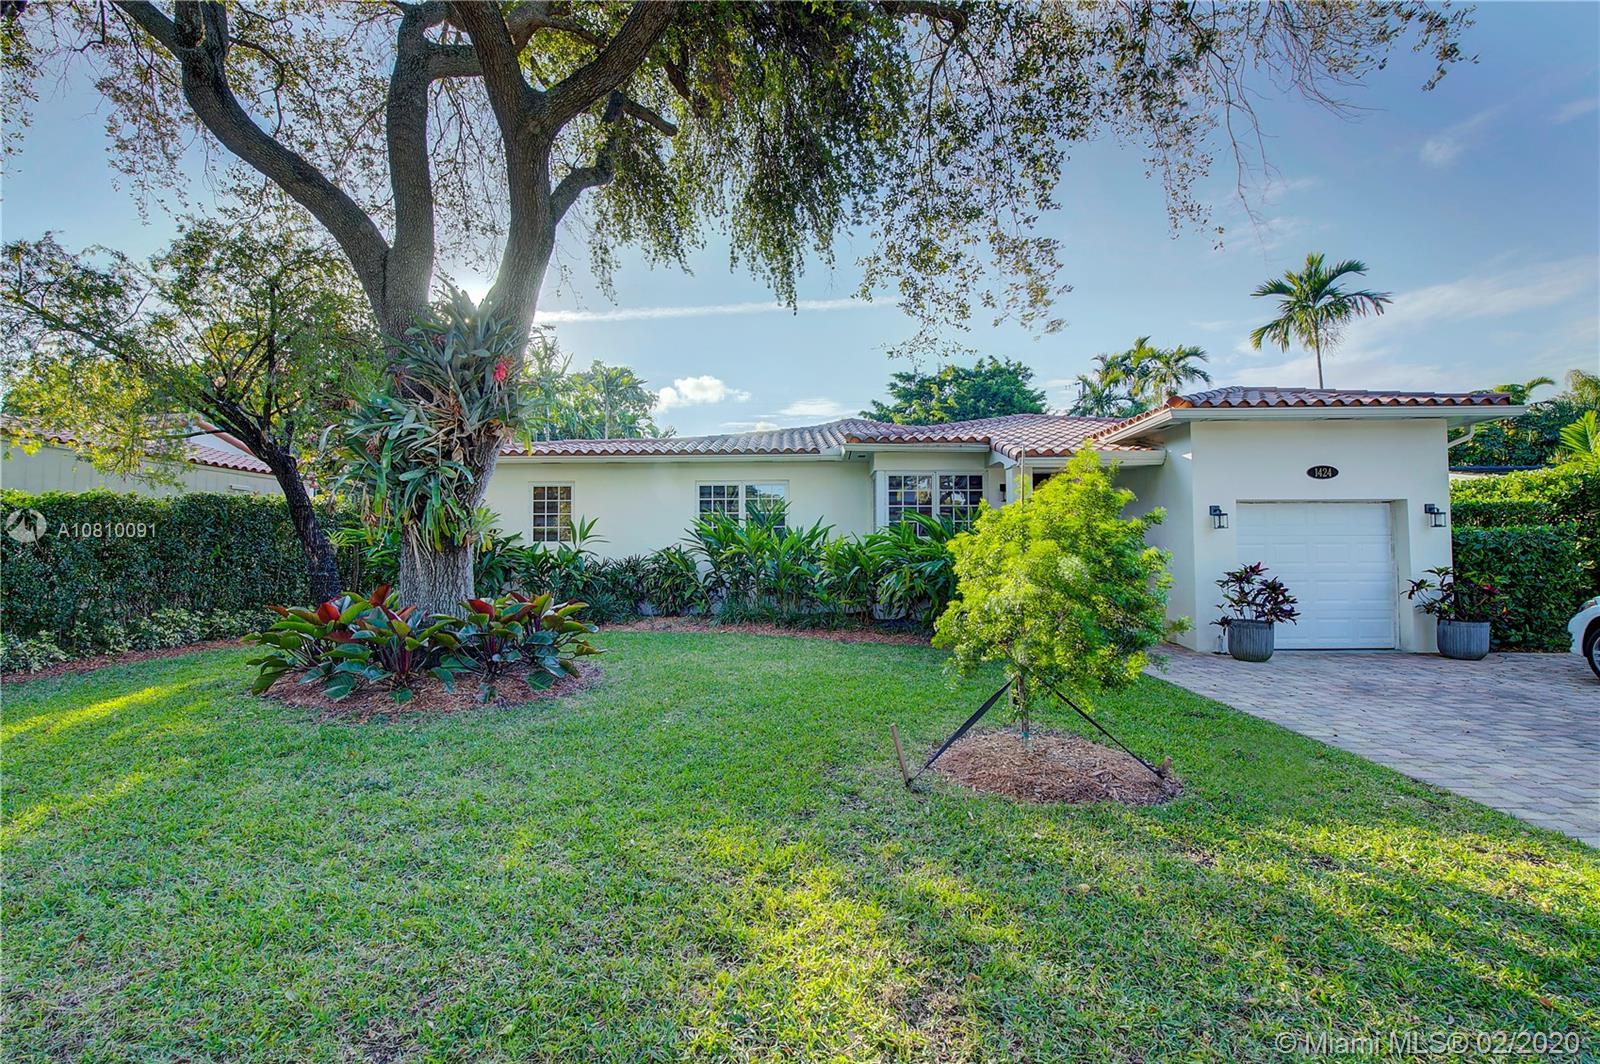 1424 Cordova St, Coral Gables in Miami-dade County County, FL 33134 Home for Sale